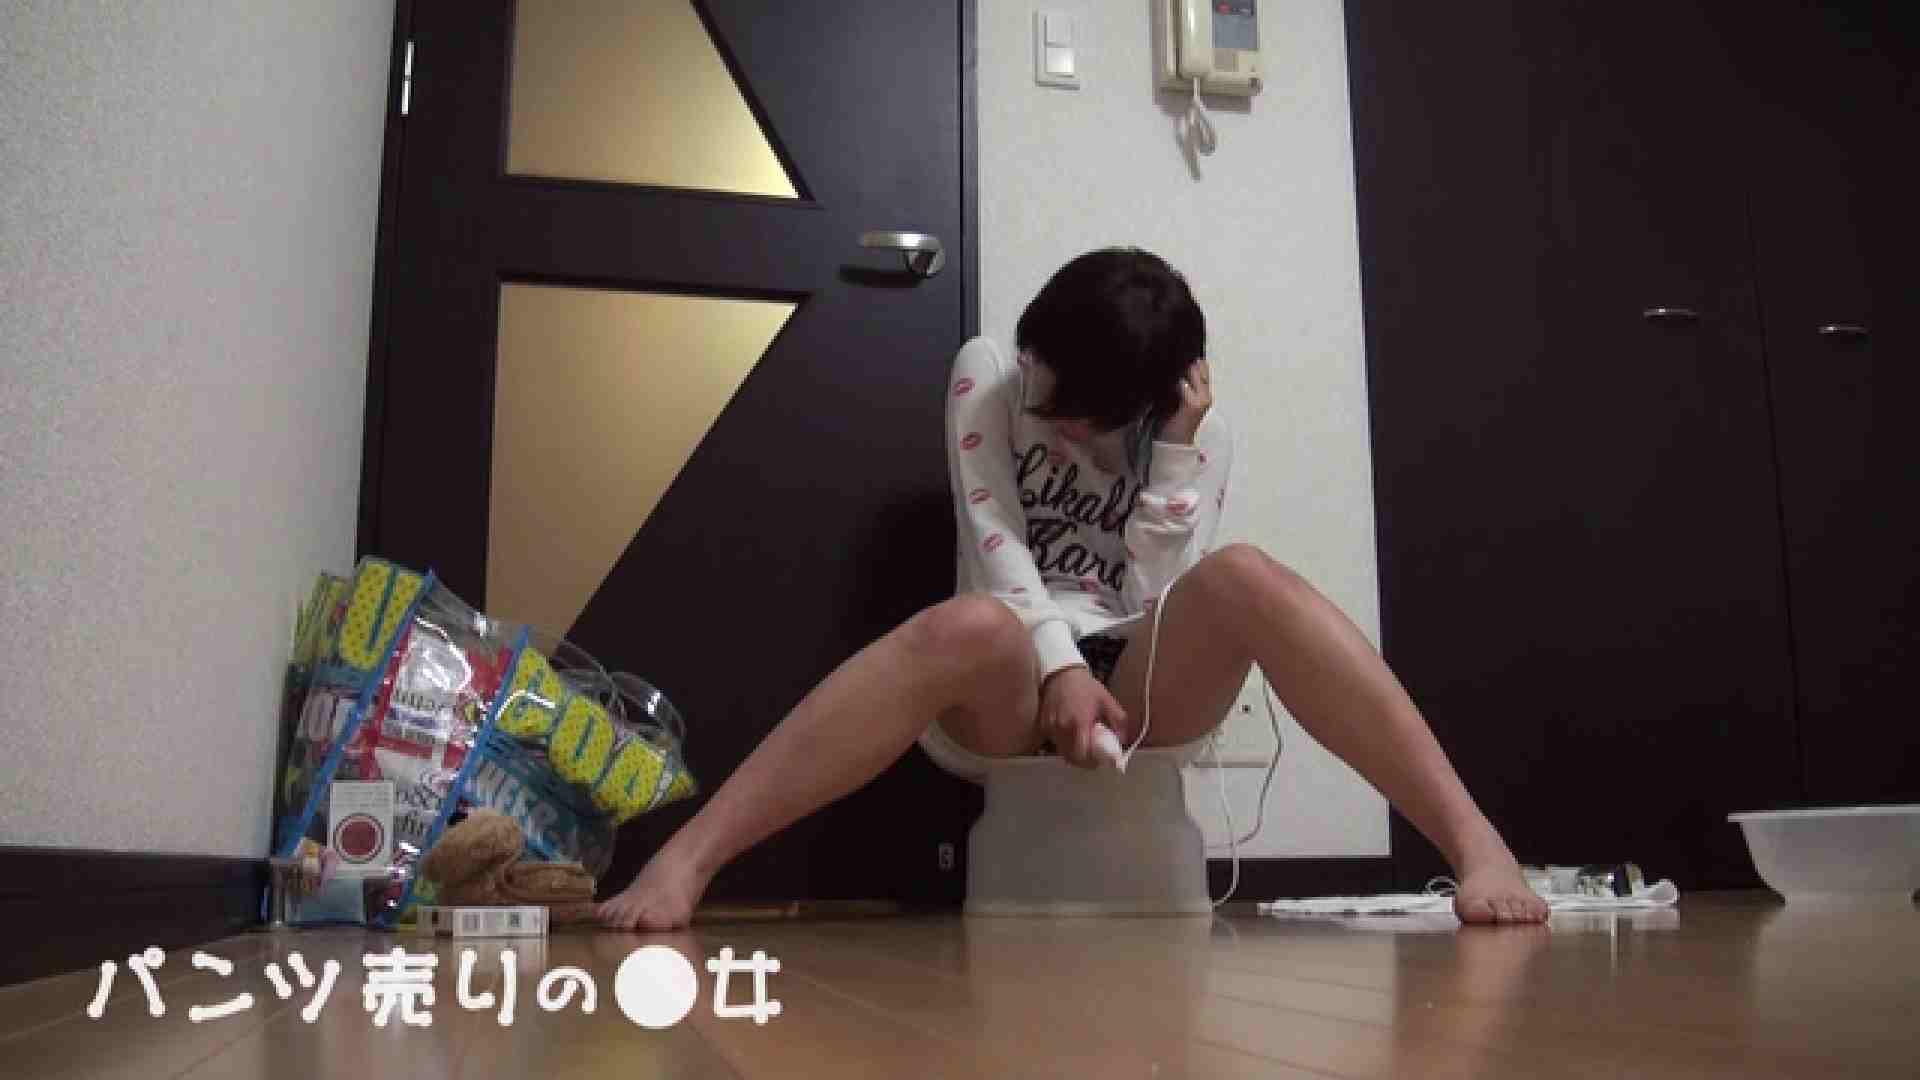 巨乳おまんこ:新説 パンツ売りの女の子nana:大奥